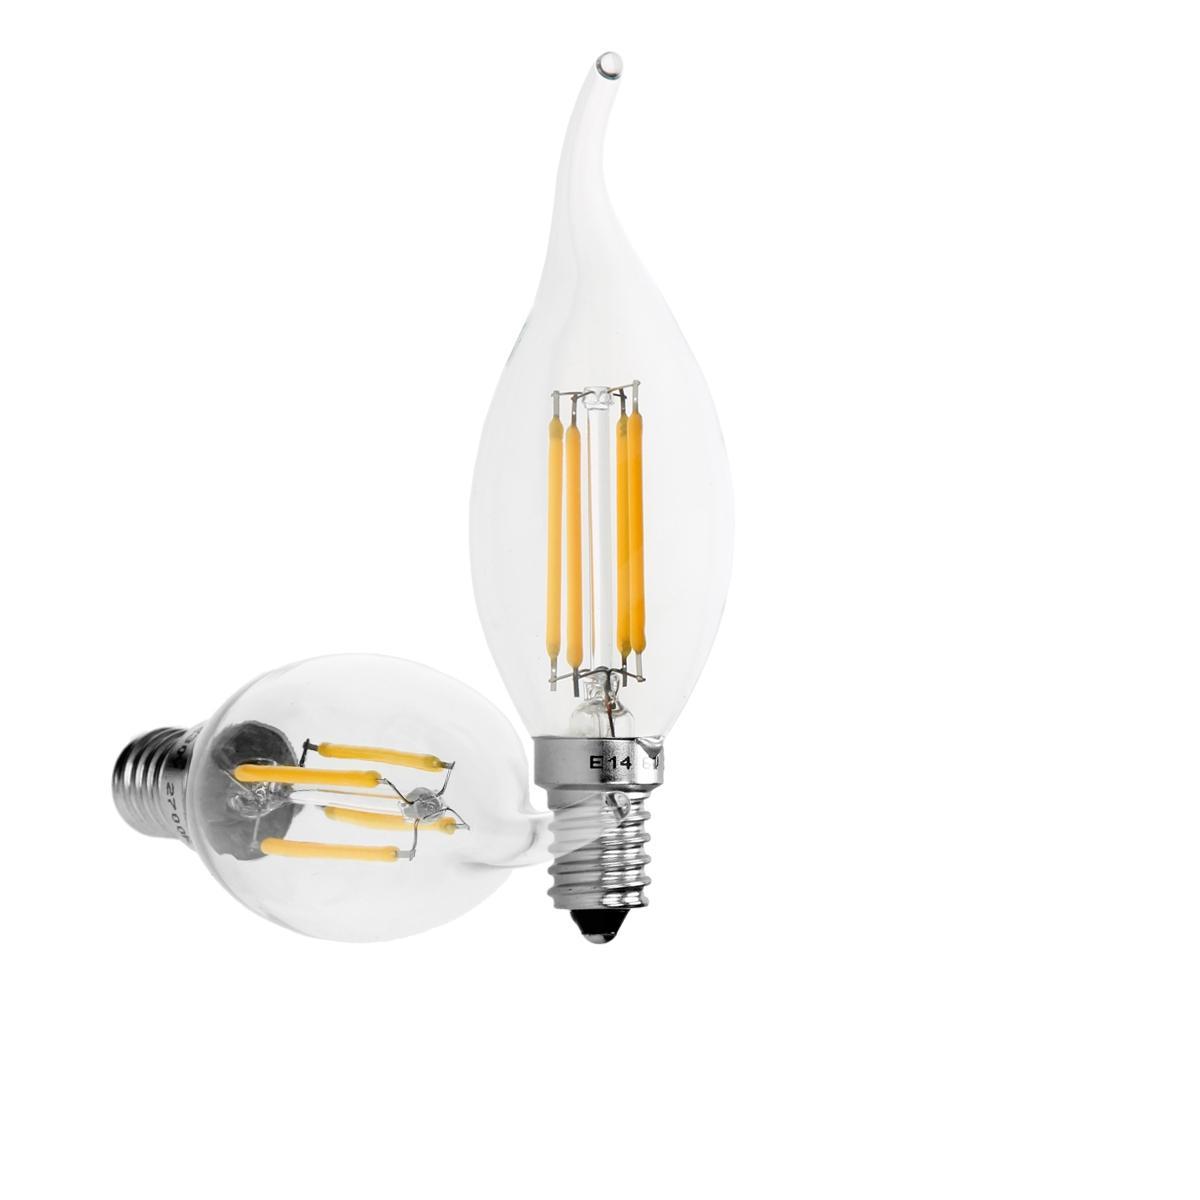 Ecd Germany 12 x Lampe LED rafale de vent filament de bougie E14 4W blanc chaud